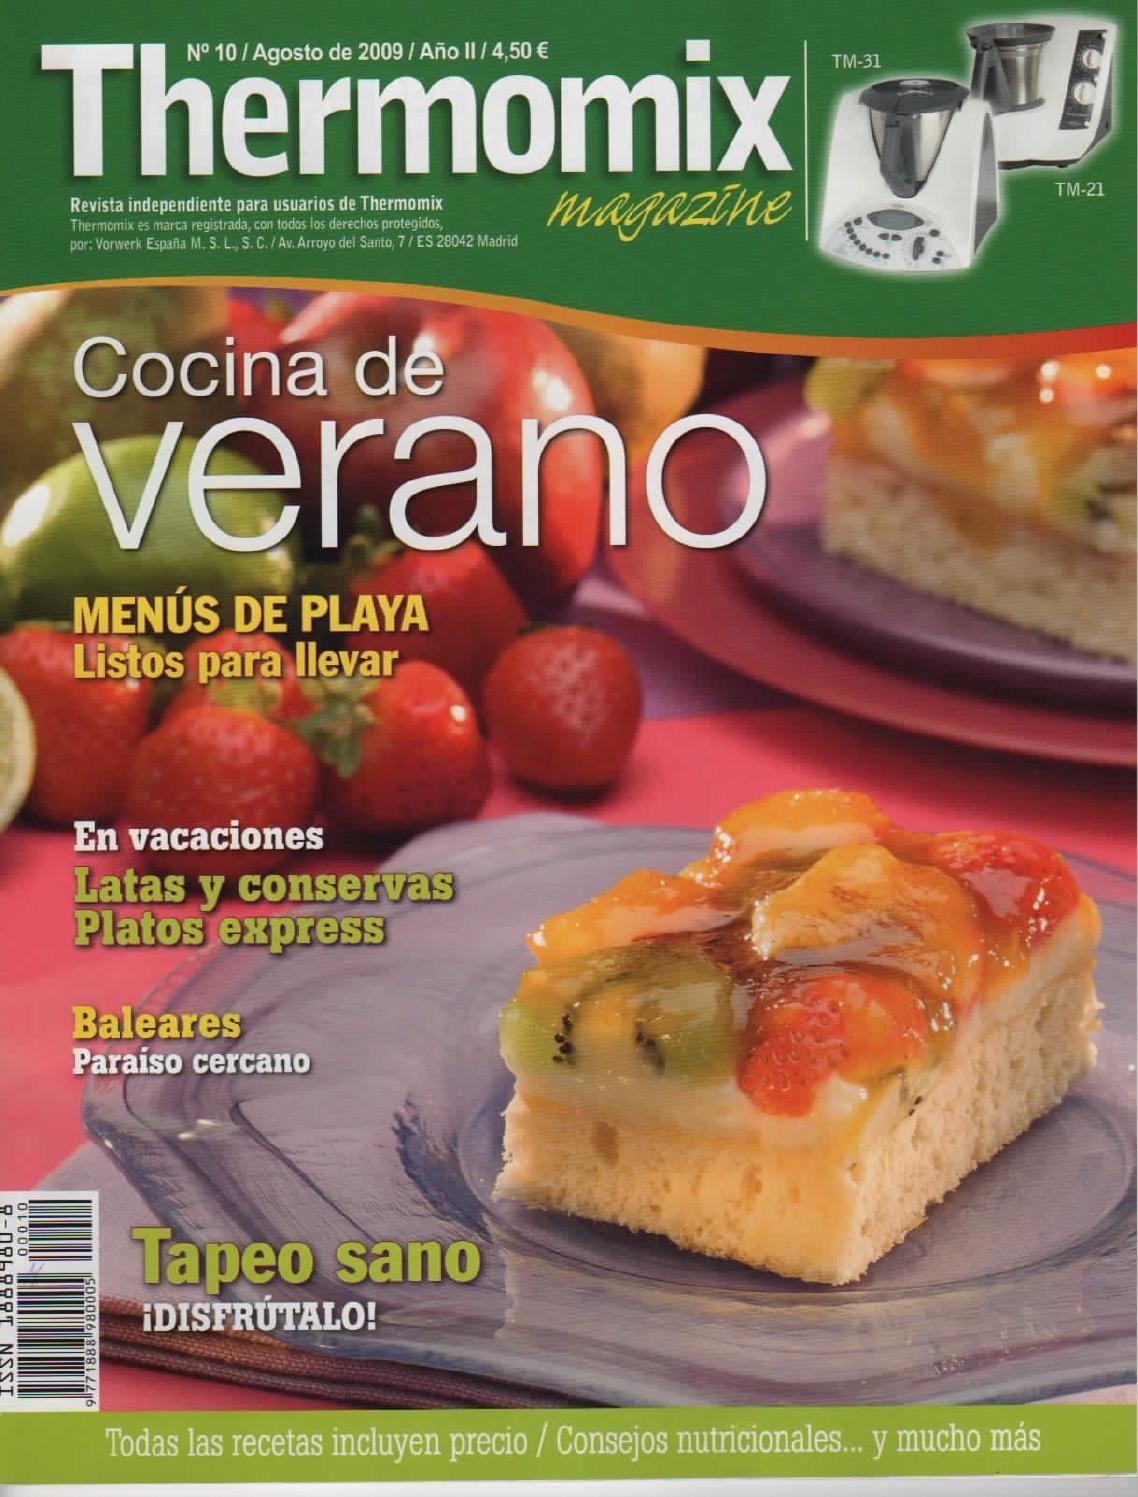 ISSUU - Revista thermomix nº10 cocina de verano de argent | R ...